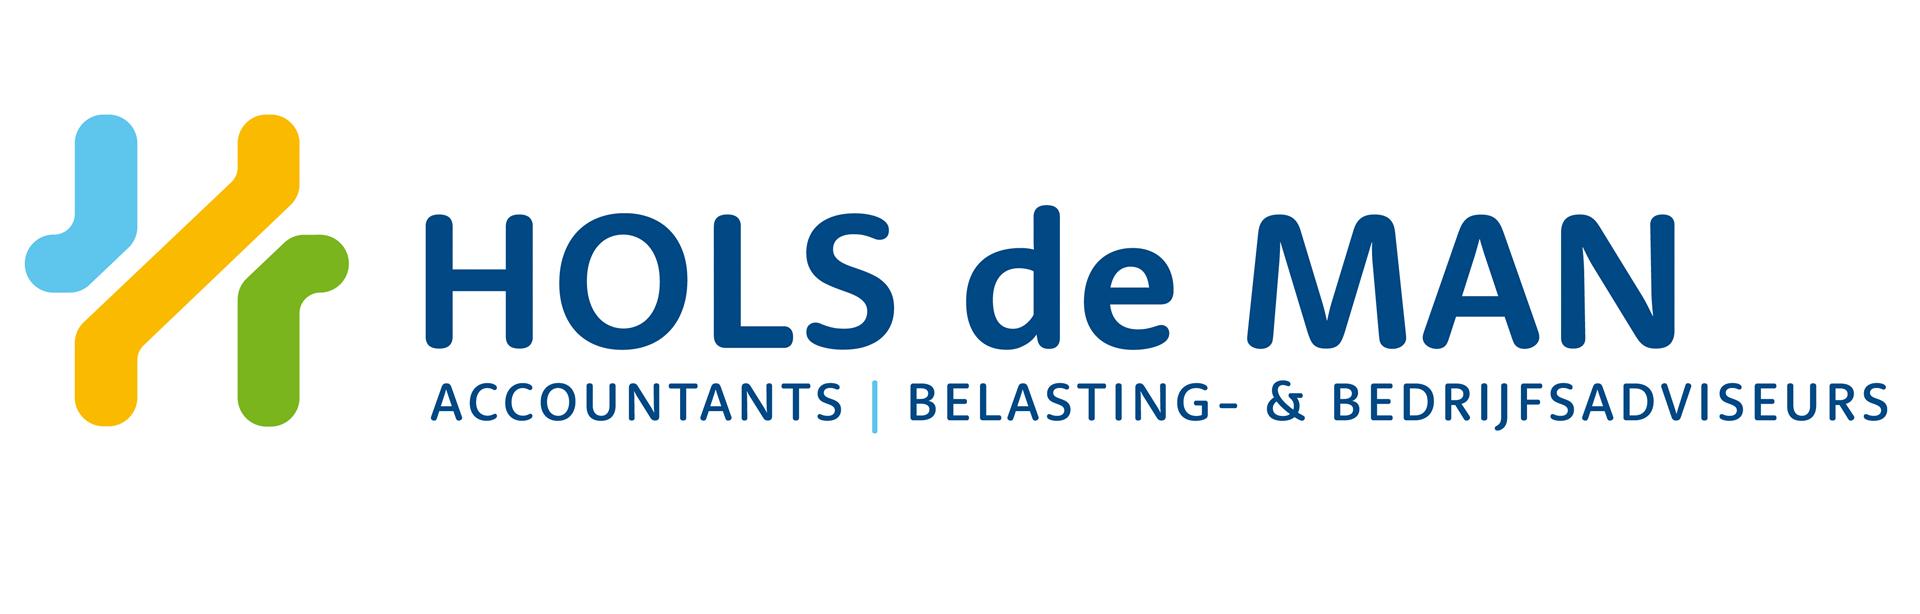 Hols de Man | klantcase Fourtop ICT